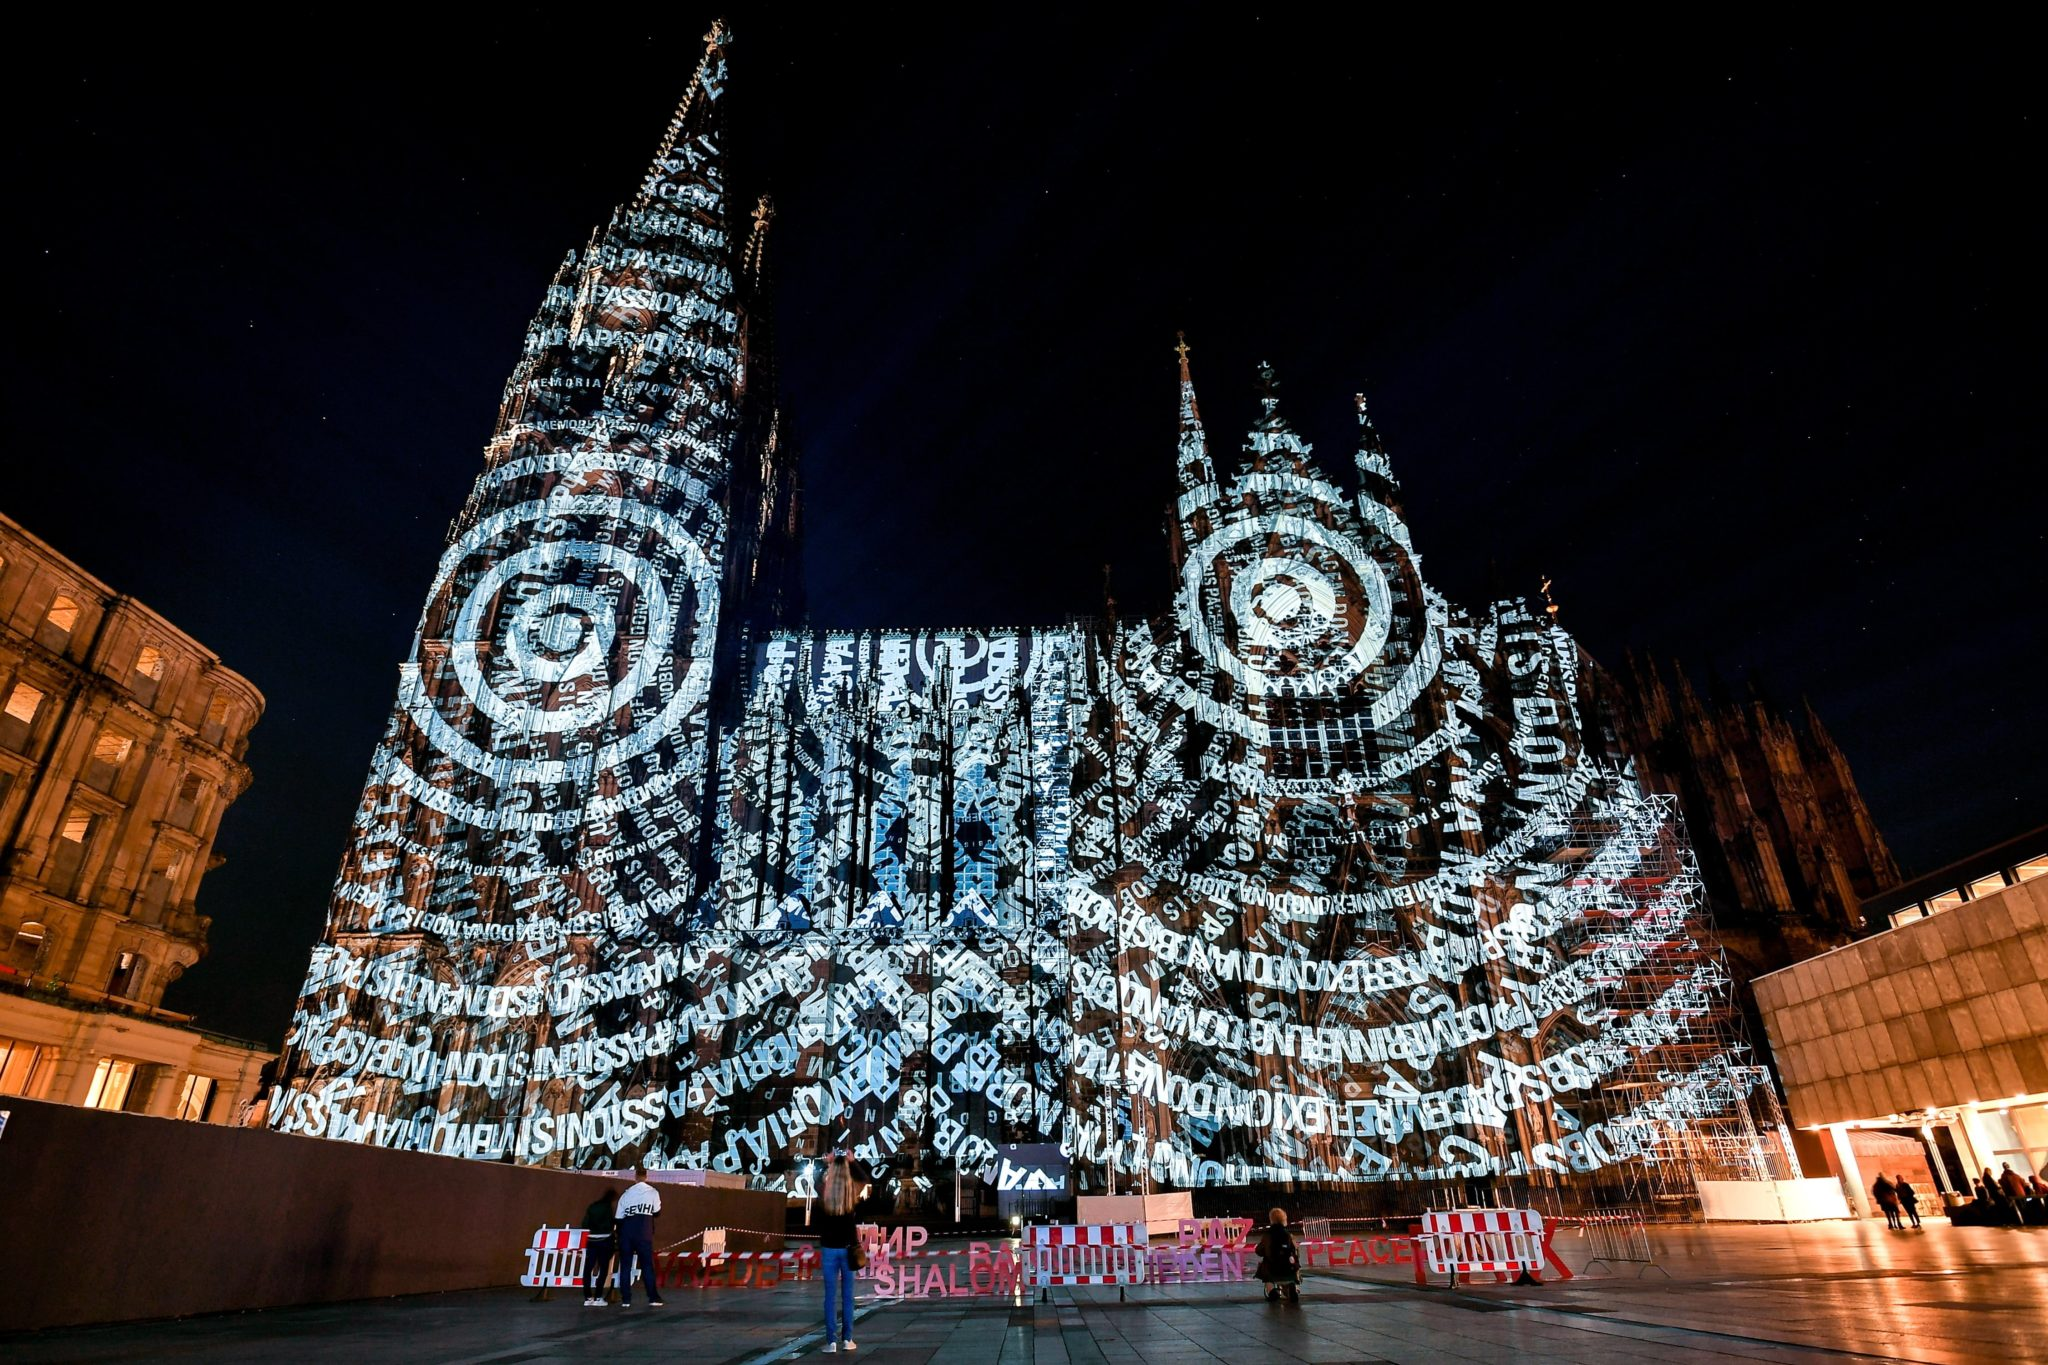 Niemcy: fasada katedry w Kolonii w Niemczech, projekty wyświetlane z okazji setnej rocznicy zakończenia I wojny światowej, fot. Sascha Steinbach, PAP/EPA